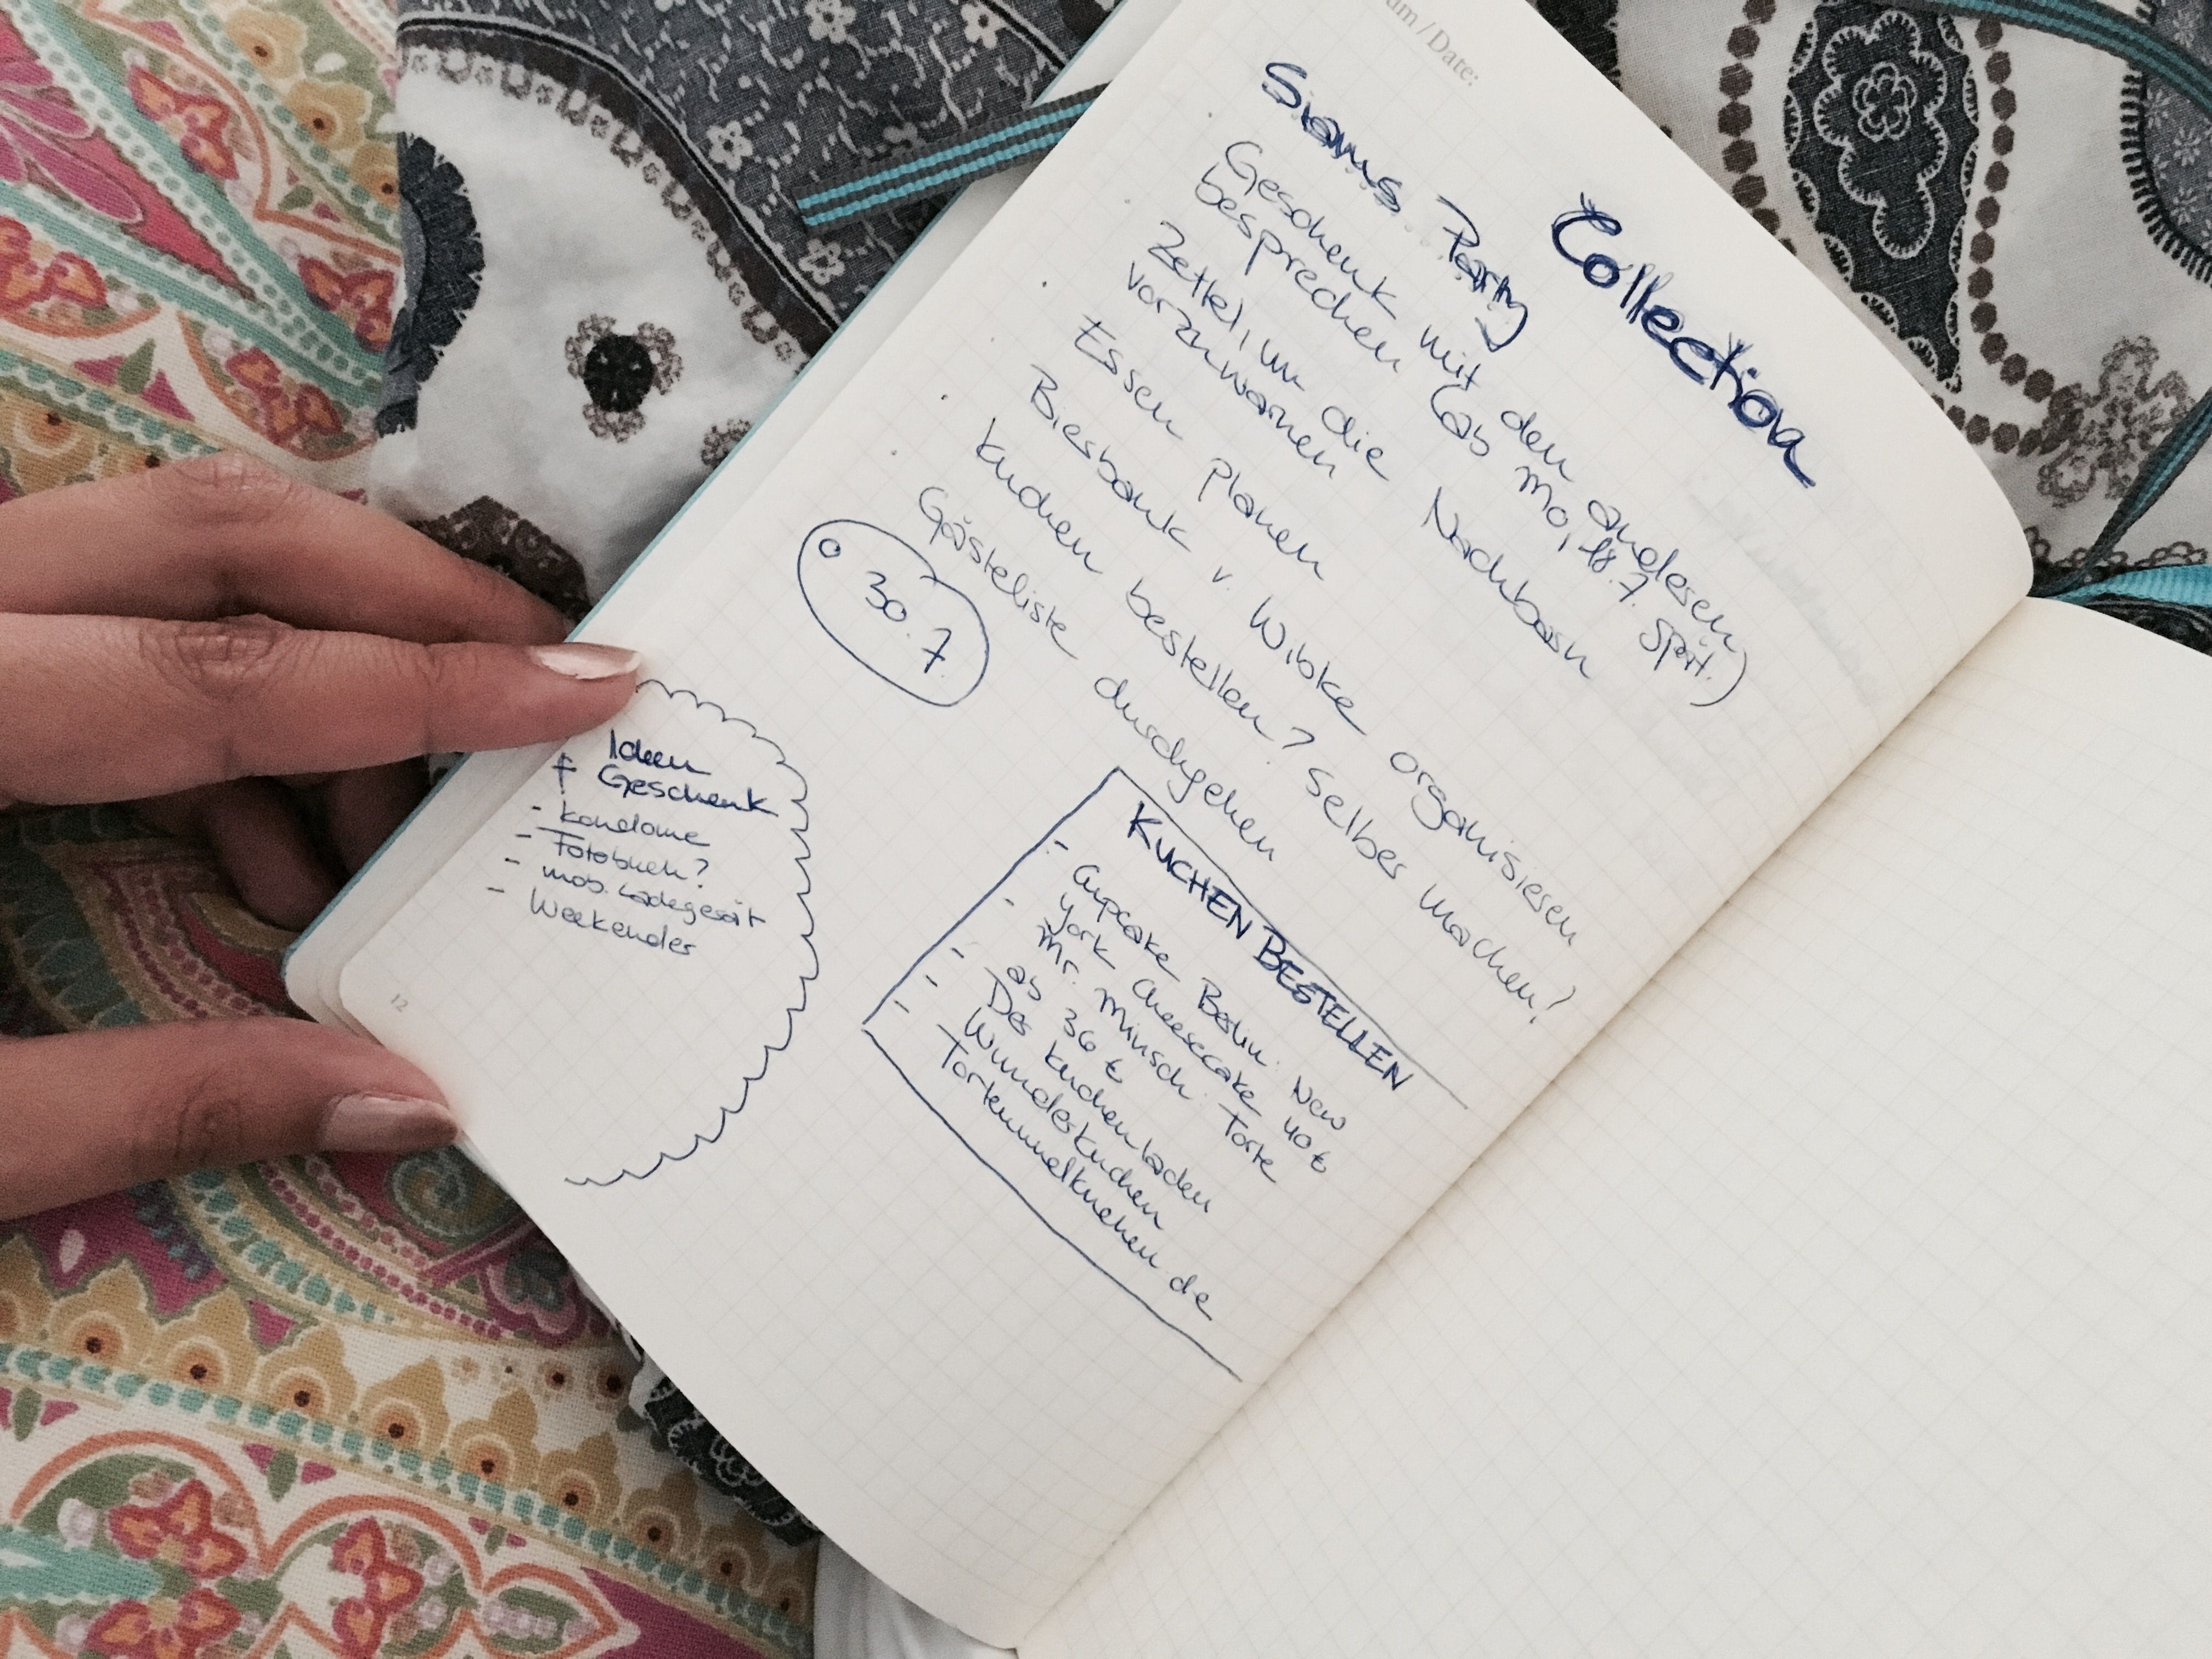 Einen Haufen To Dos und Termine im Kopf? Und dann noch etliche Ideen und Gedanken, die für zusätzliches Chaos sorgen? Darum bevorzugen einige die Rückkehr zu Stift und Papier und schwören auf das sogenannte Bullet Journaling.